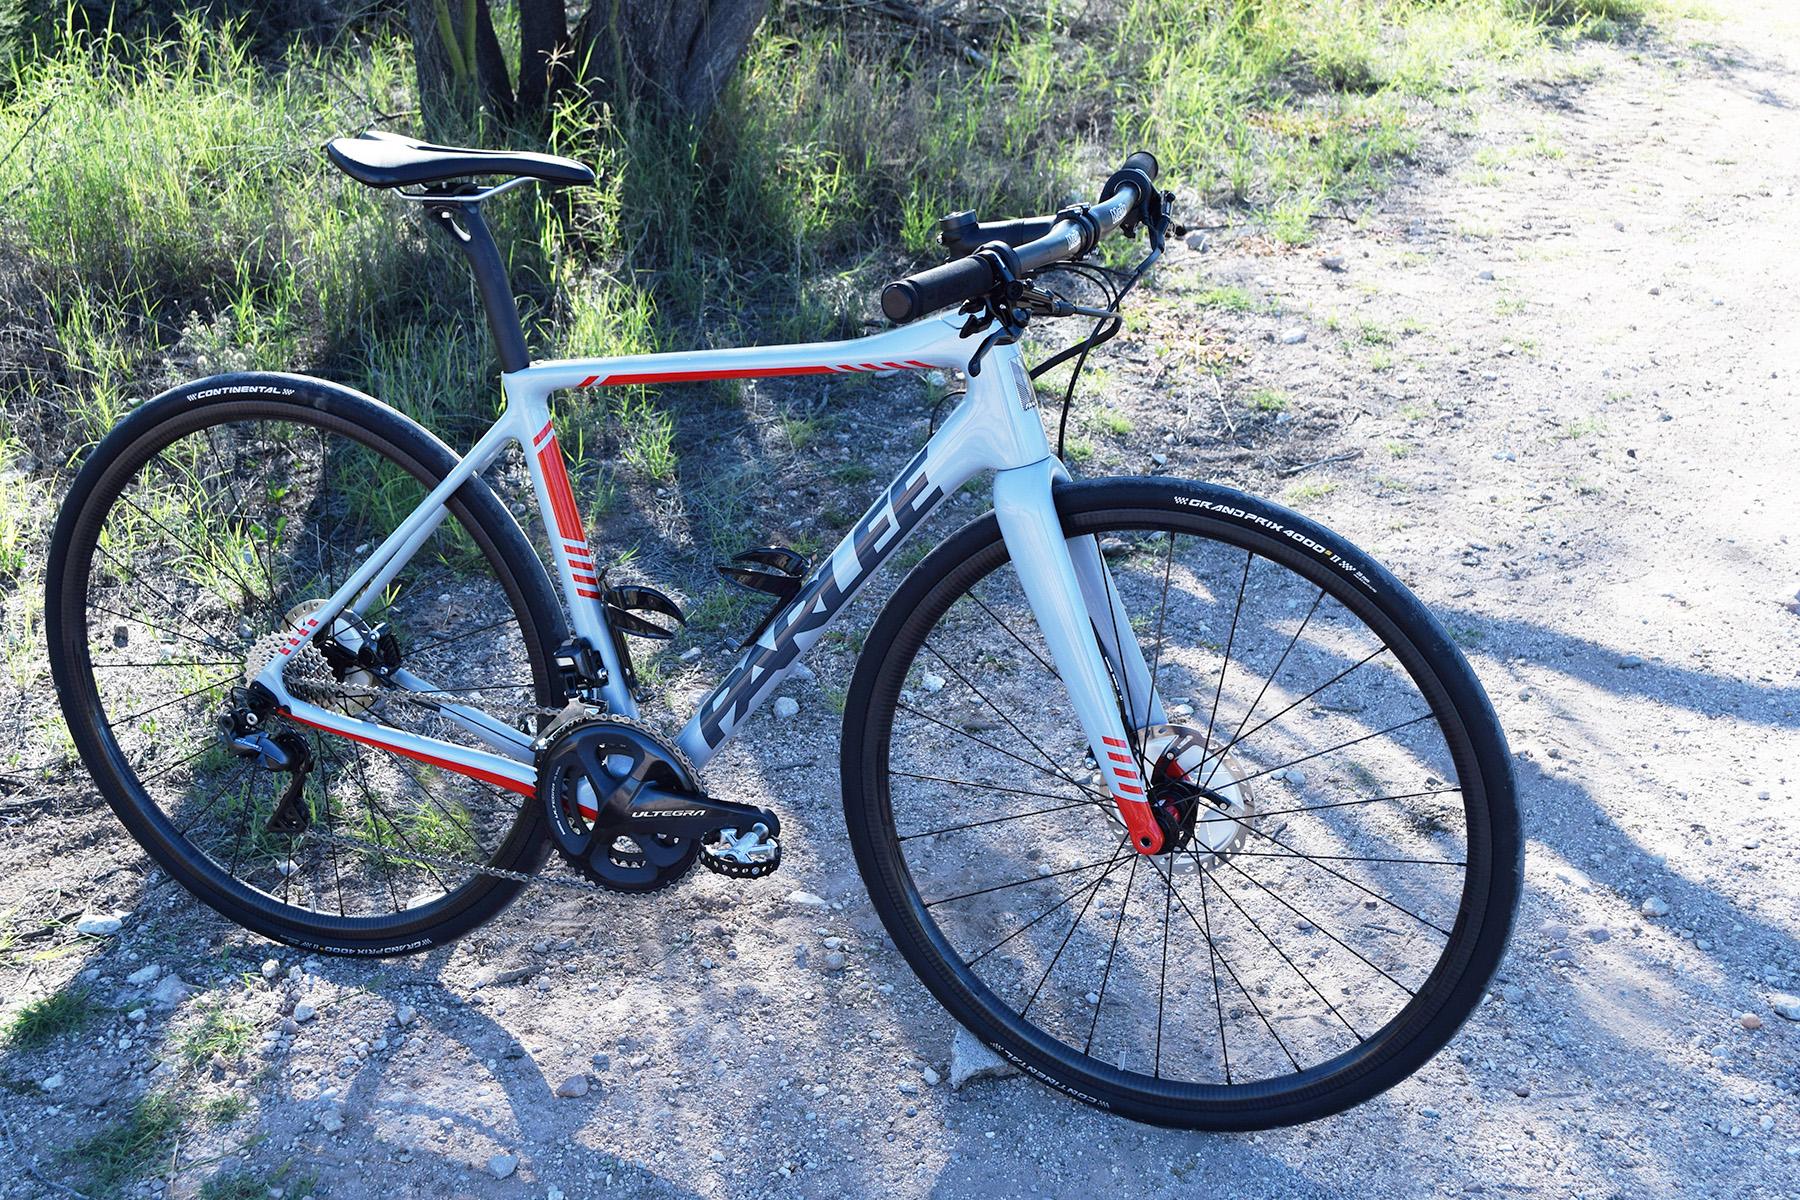 Parlee Altum Disc Flat Bar Di2 Fairwheel Bikes Blog